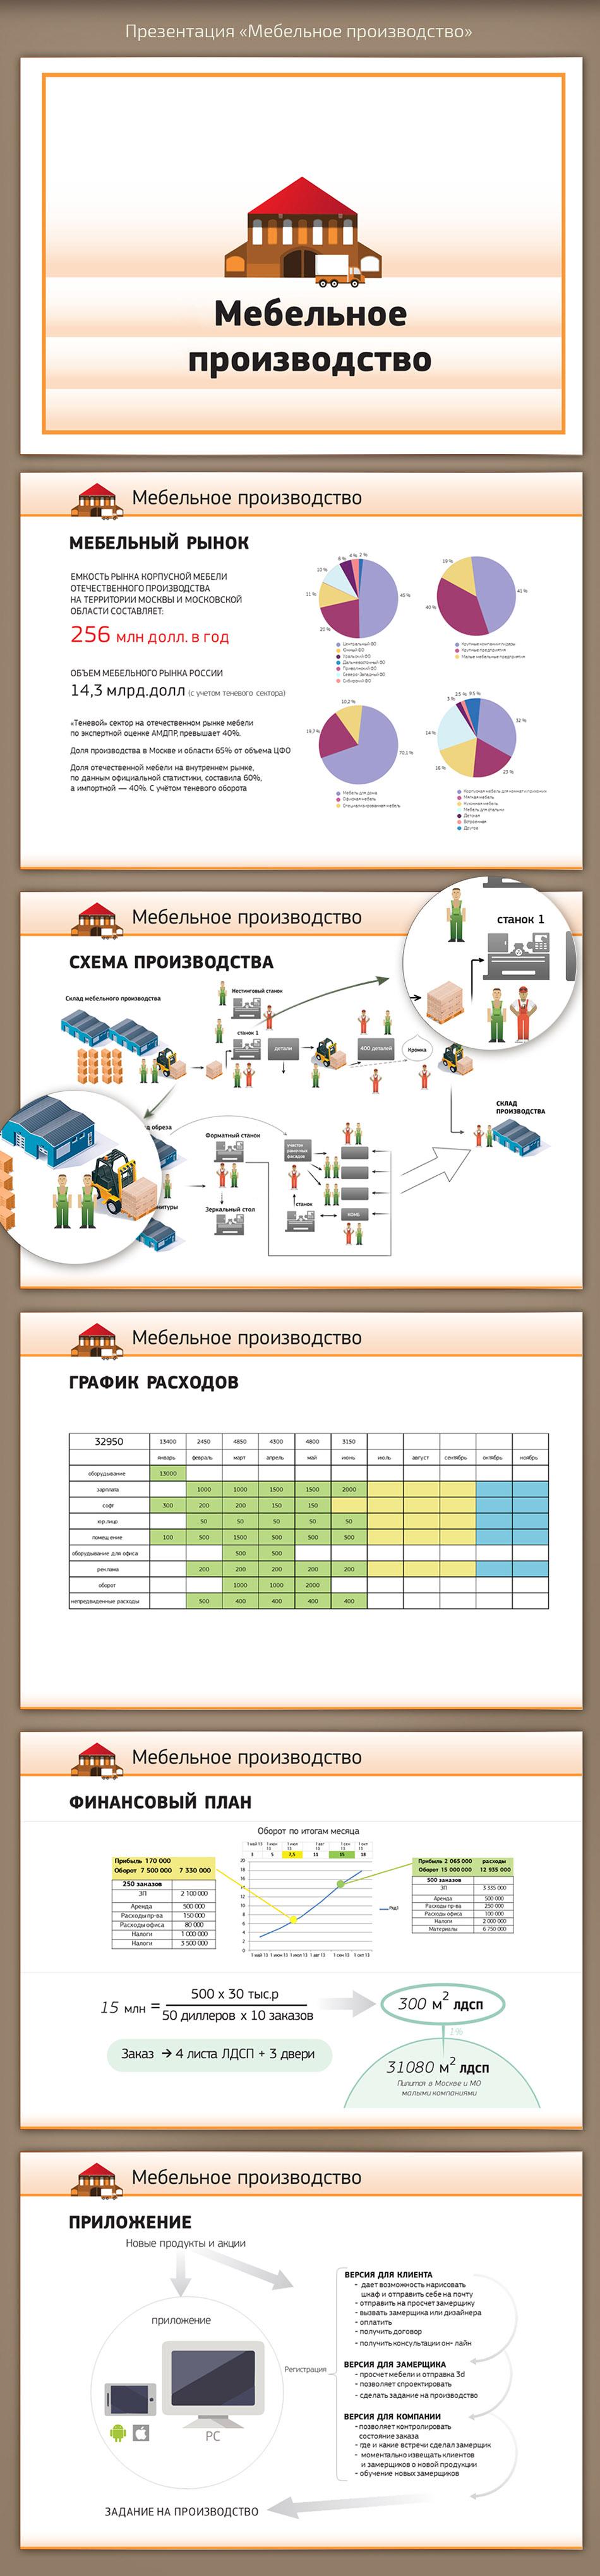 Презентация «Мебельное производство»